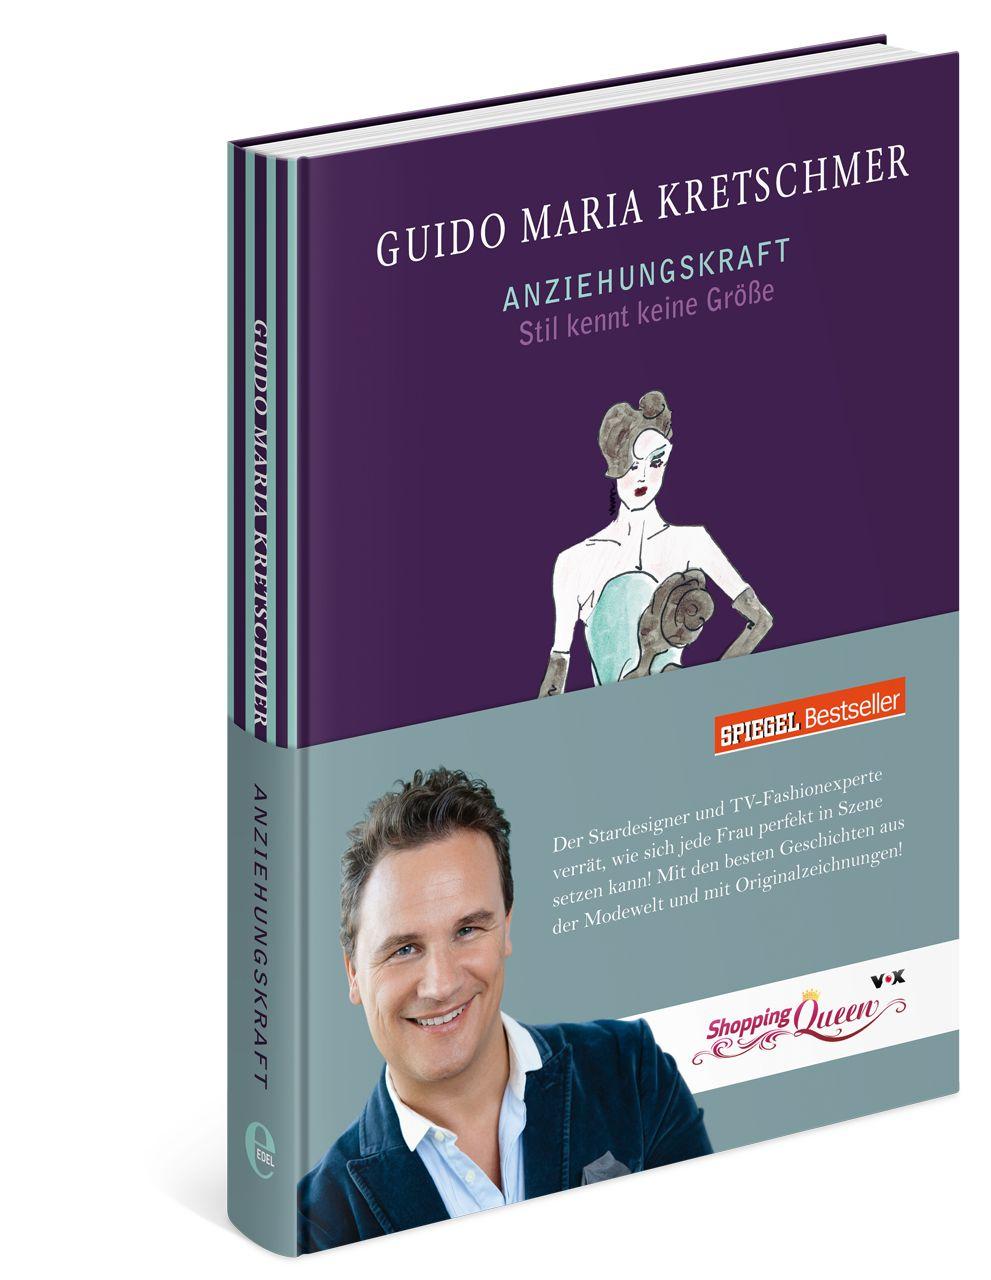 Anziehungskraft: Stil kennt keine Größe - Guido Maria Kretschmer